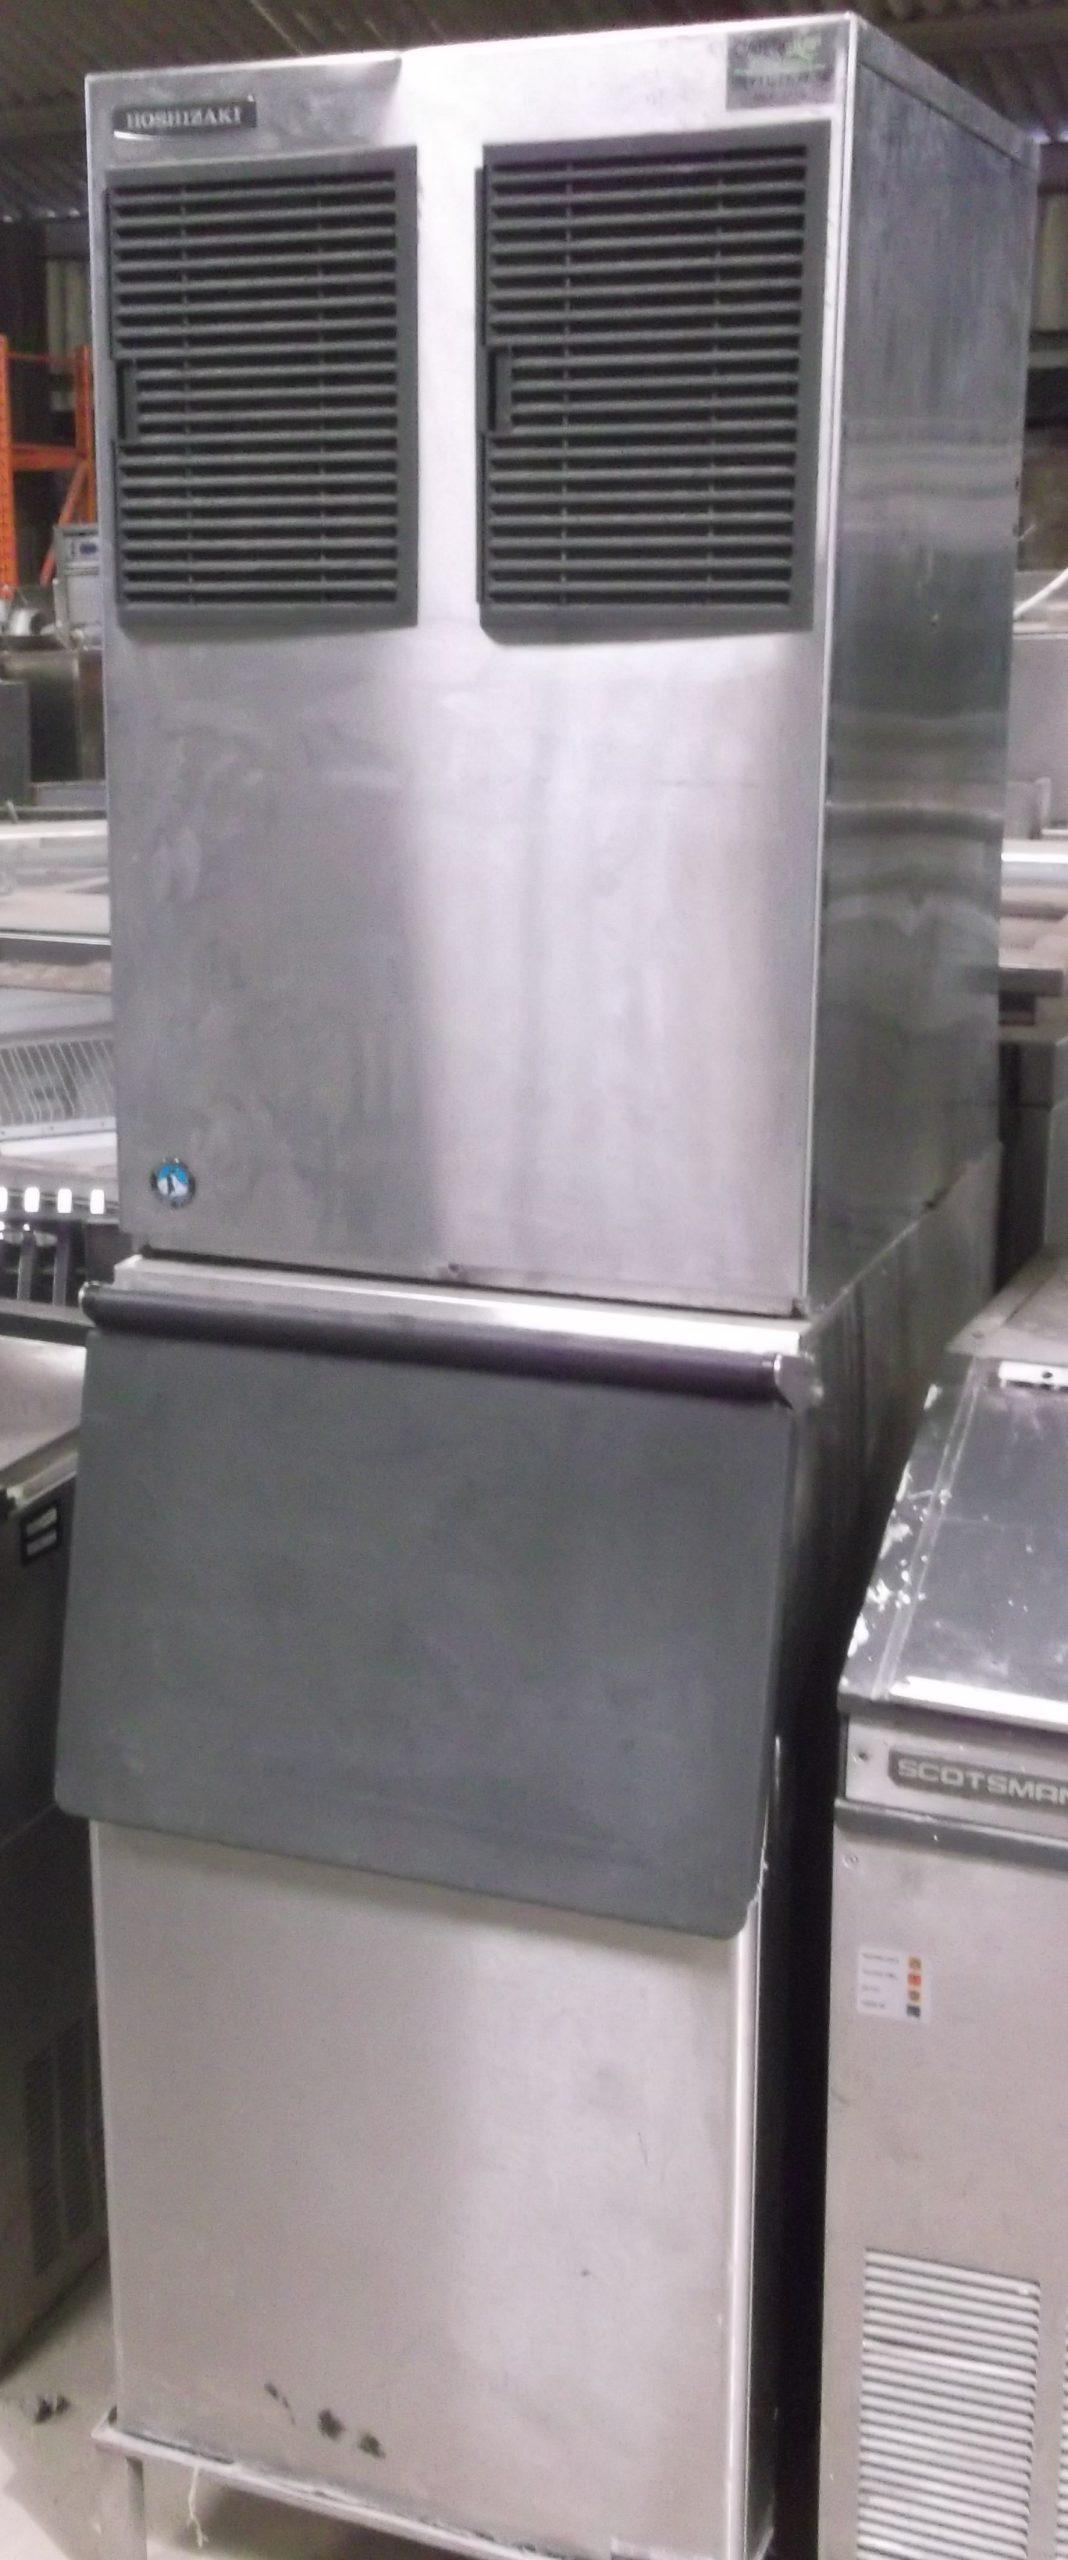 HOSHIZAKI FM251 Ice Flaker with Follet Insulated Storage Bin